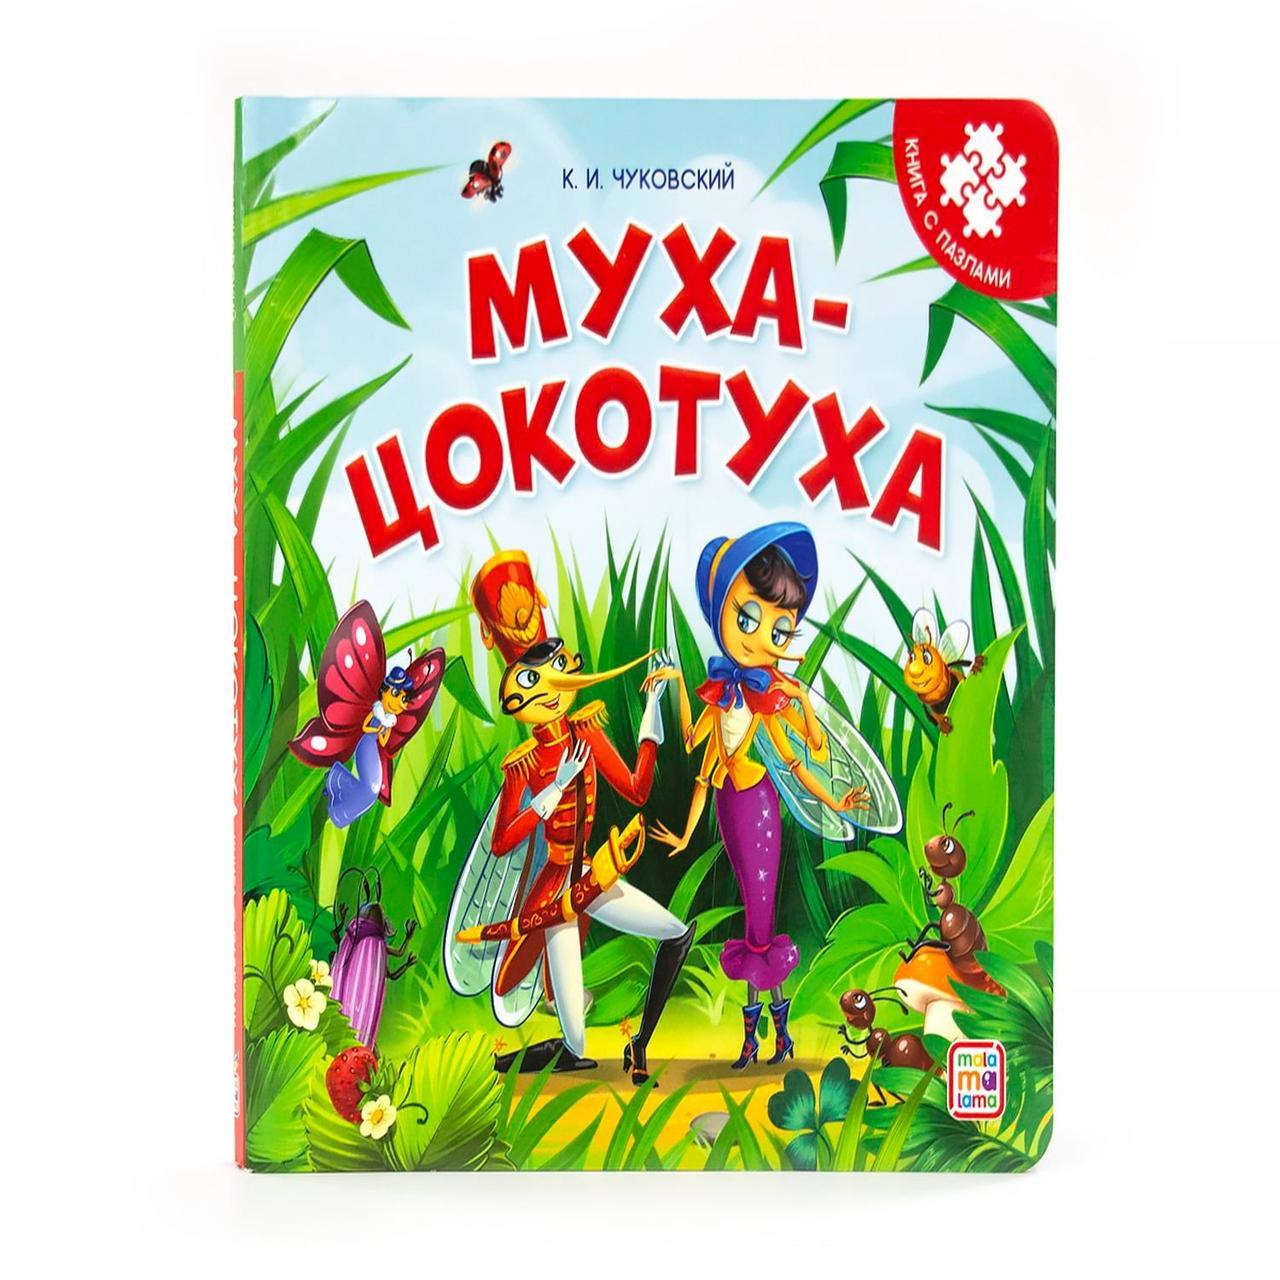 Книга-пазл. Муха-Цокотуха